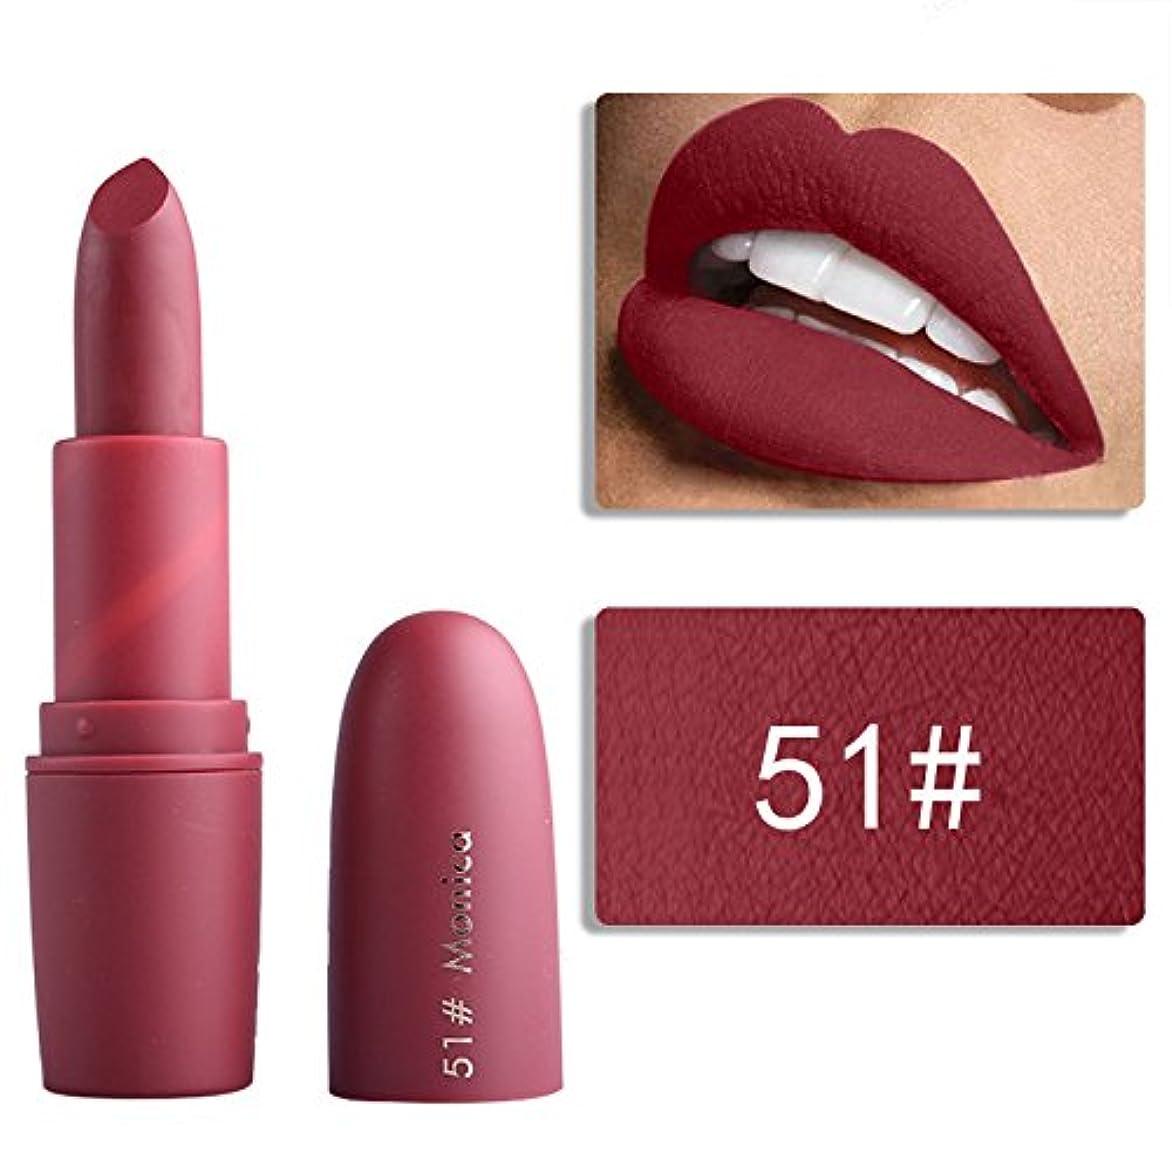 意外これまで配列Miss Rose Nude Lipstick 22 colors Waterproof Vampire Brown Beauty Baby Lips Batom Matte lipstick Makeup Tats Eugenie Margherita